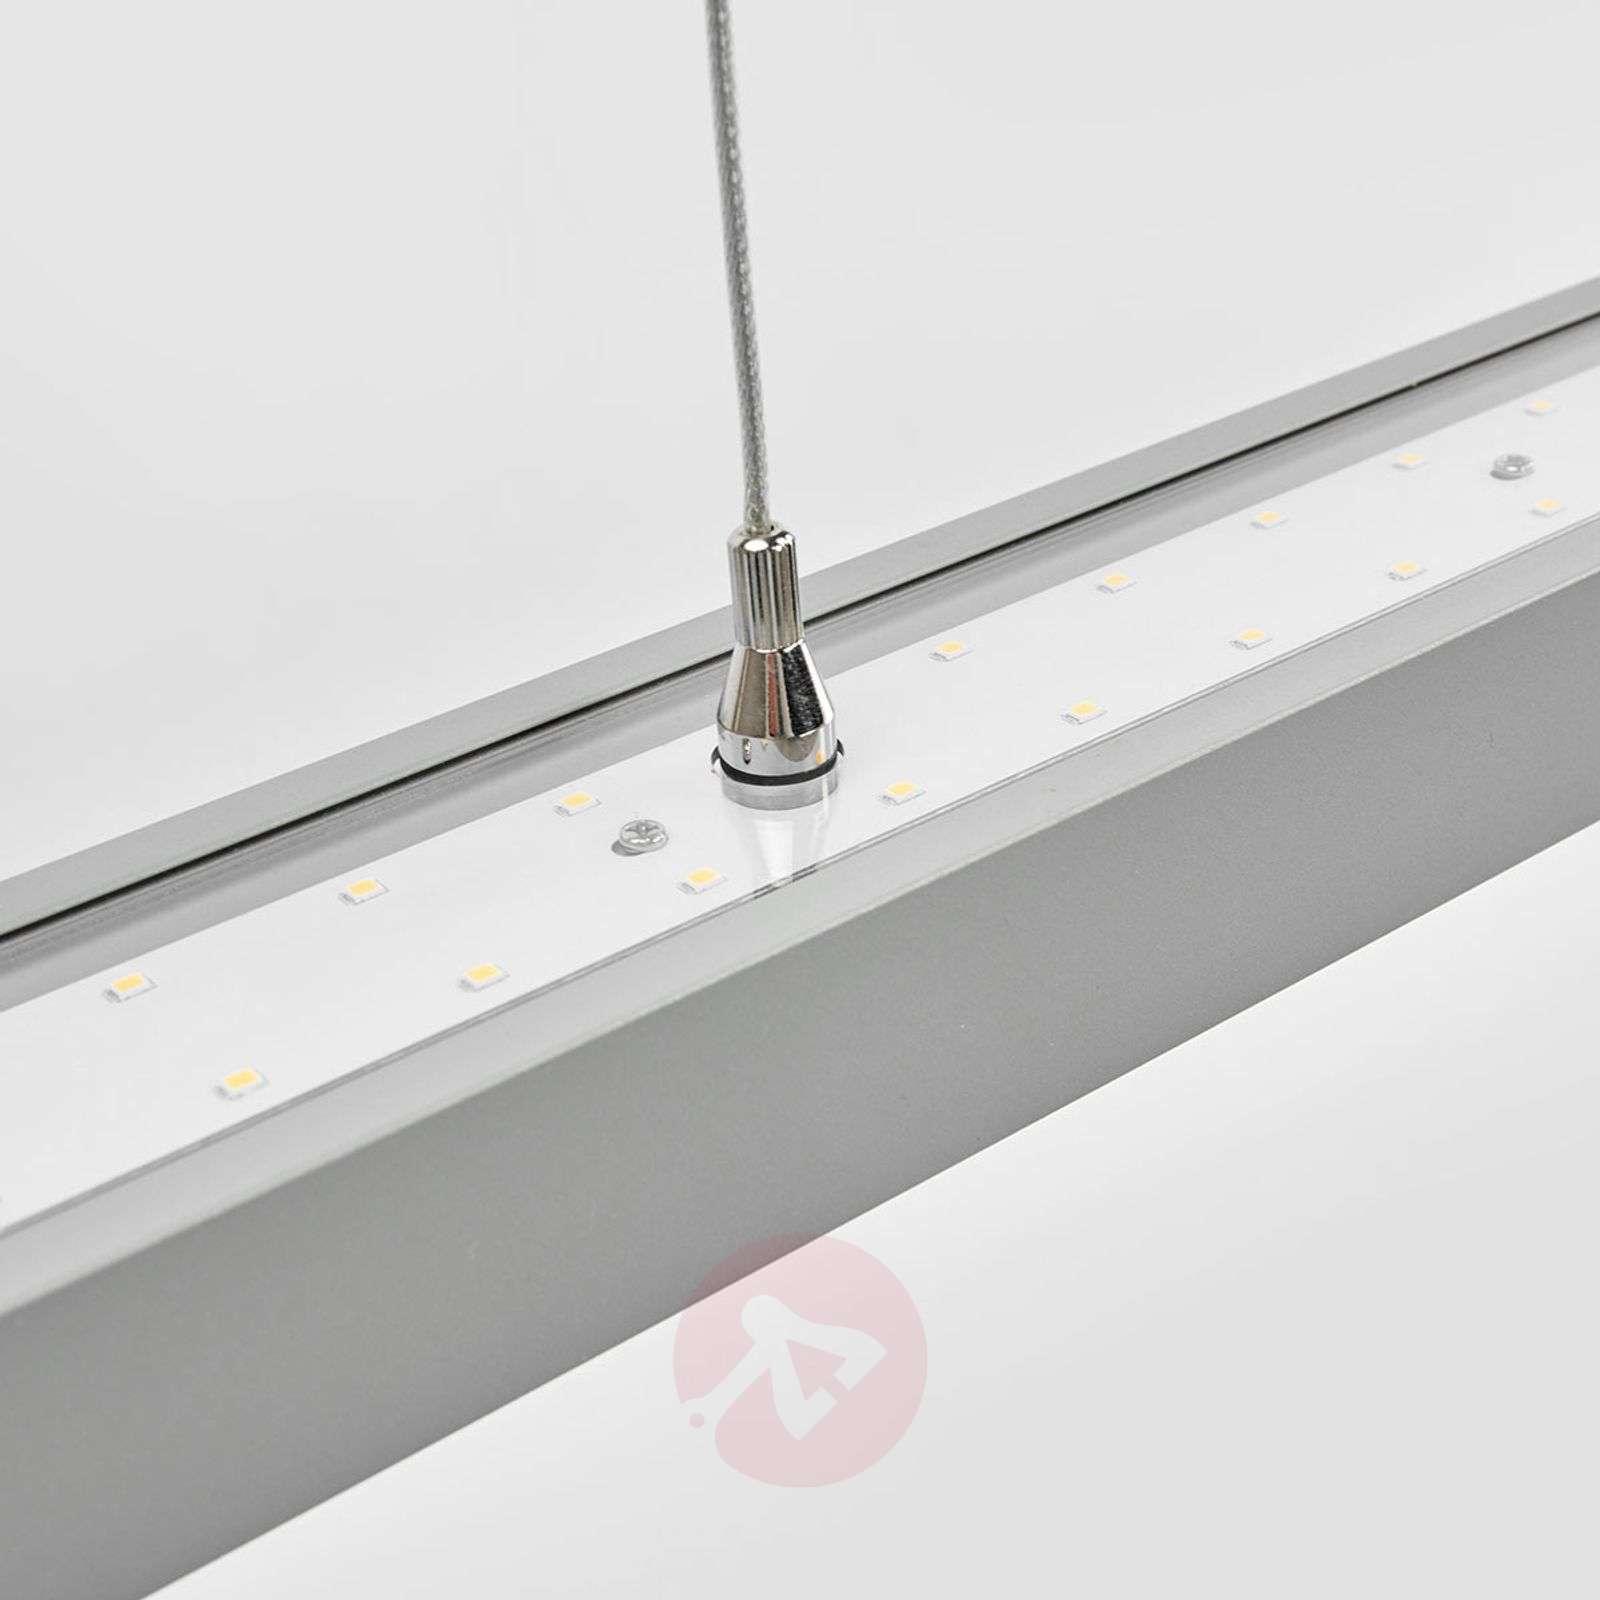 LED-riippuvalo Jolinda työhuone DALI-himmennettävä-9968028-02